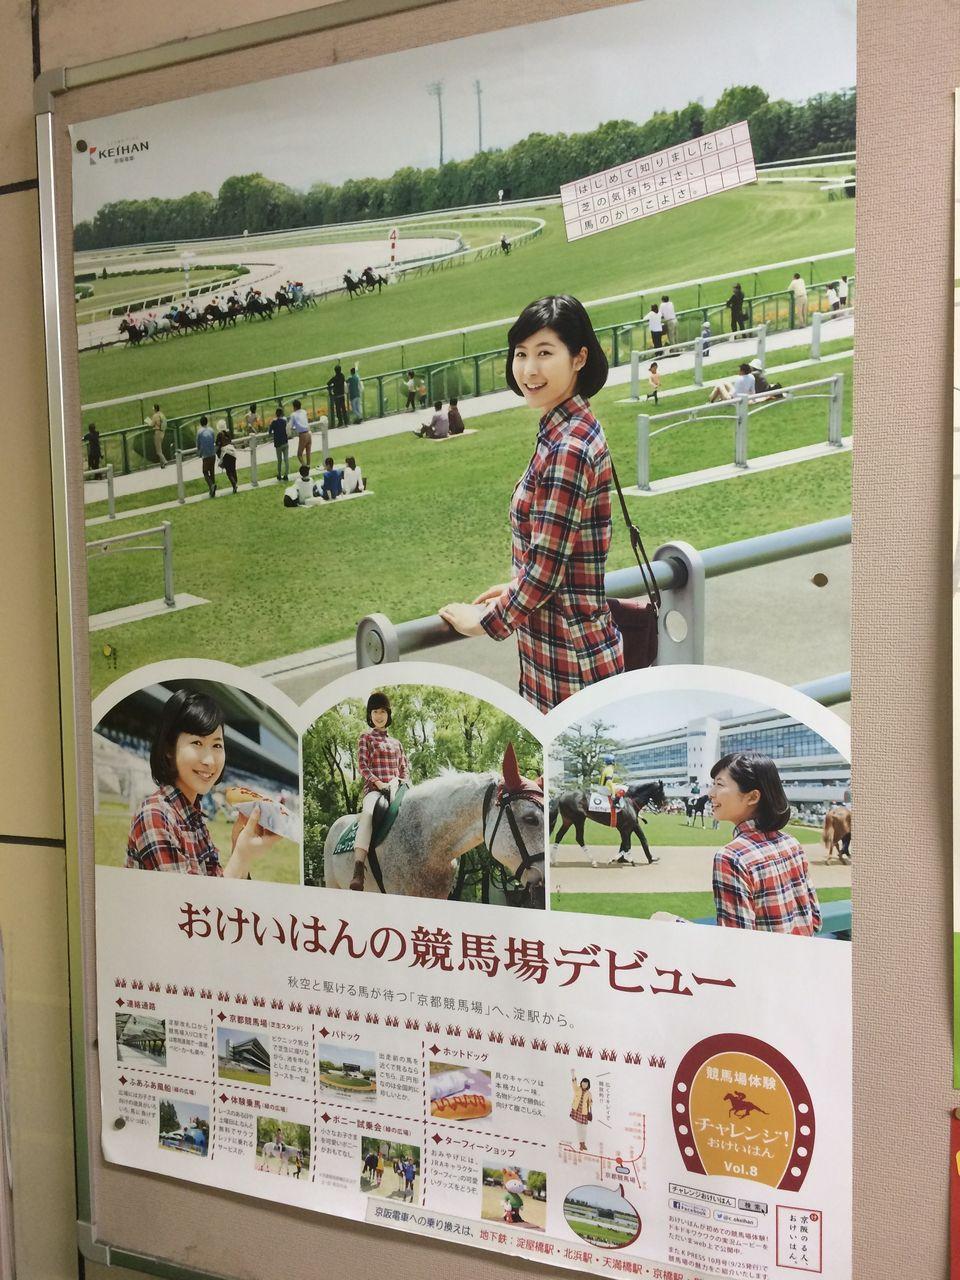 おけいはんの競馬場デビュー